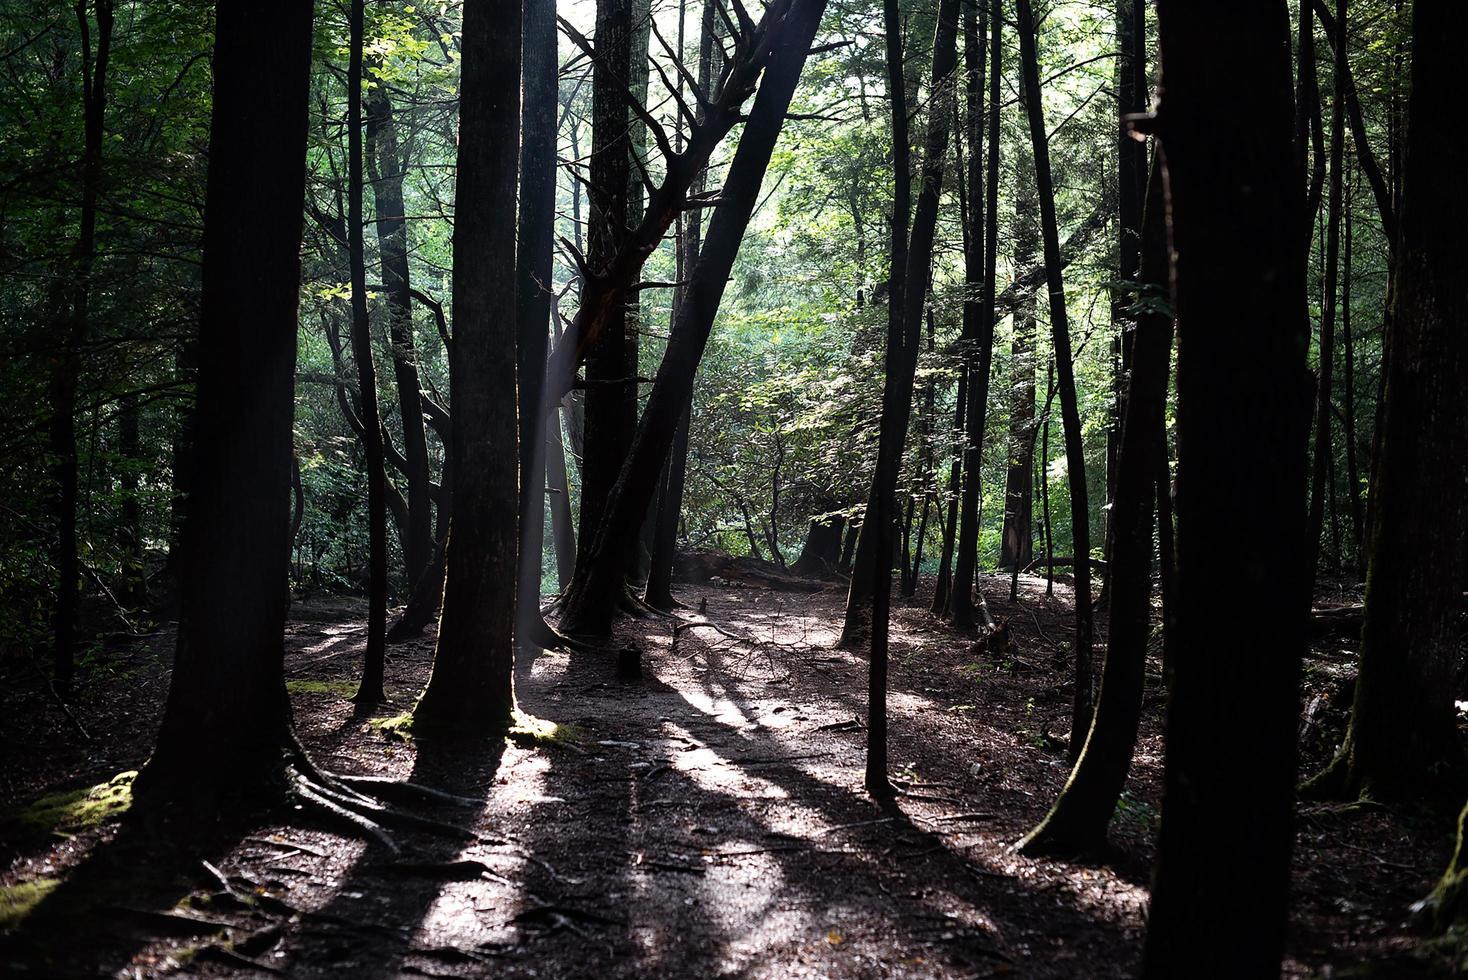 alberi nella foresta foto